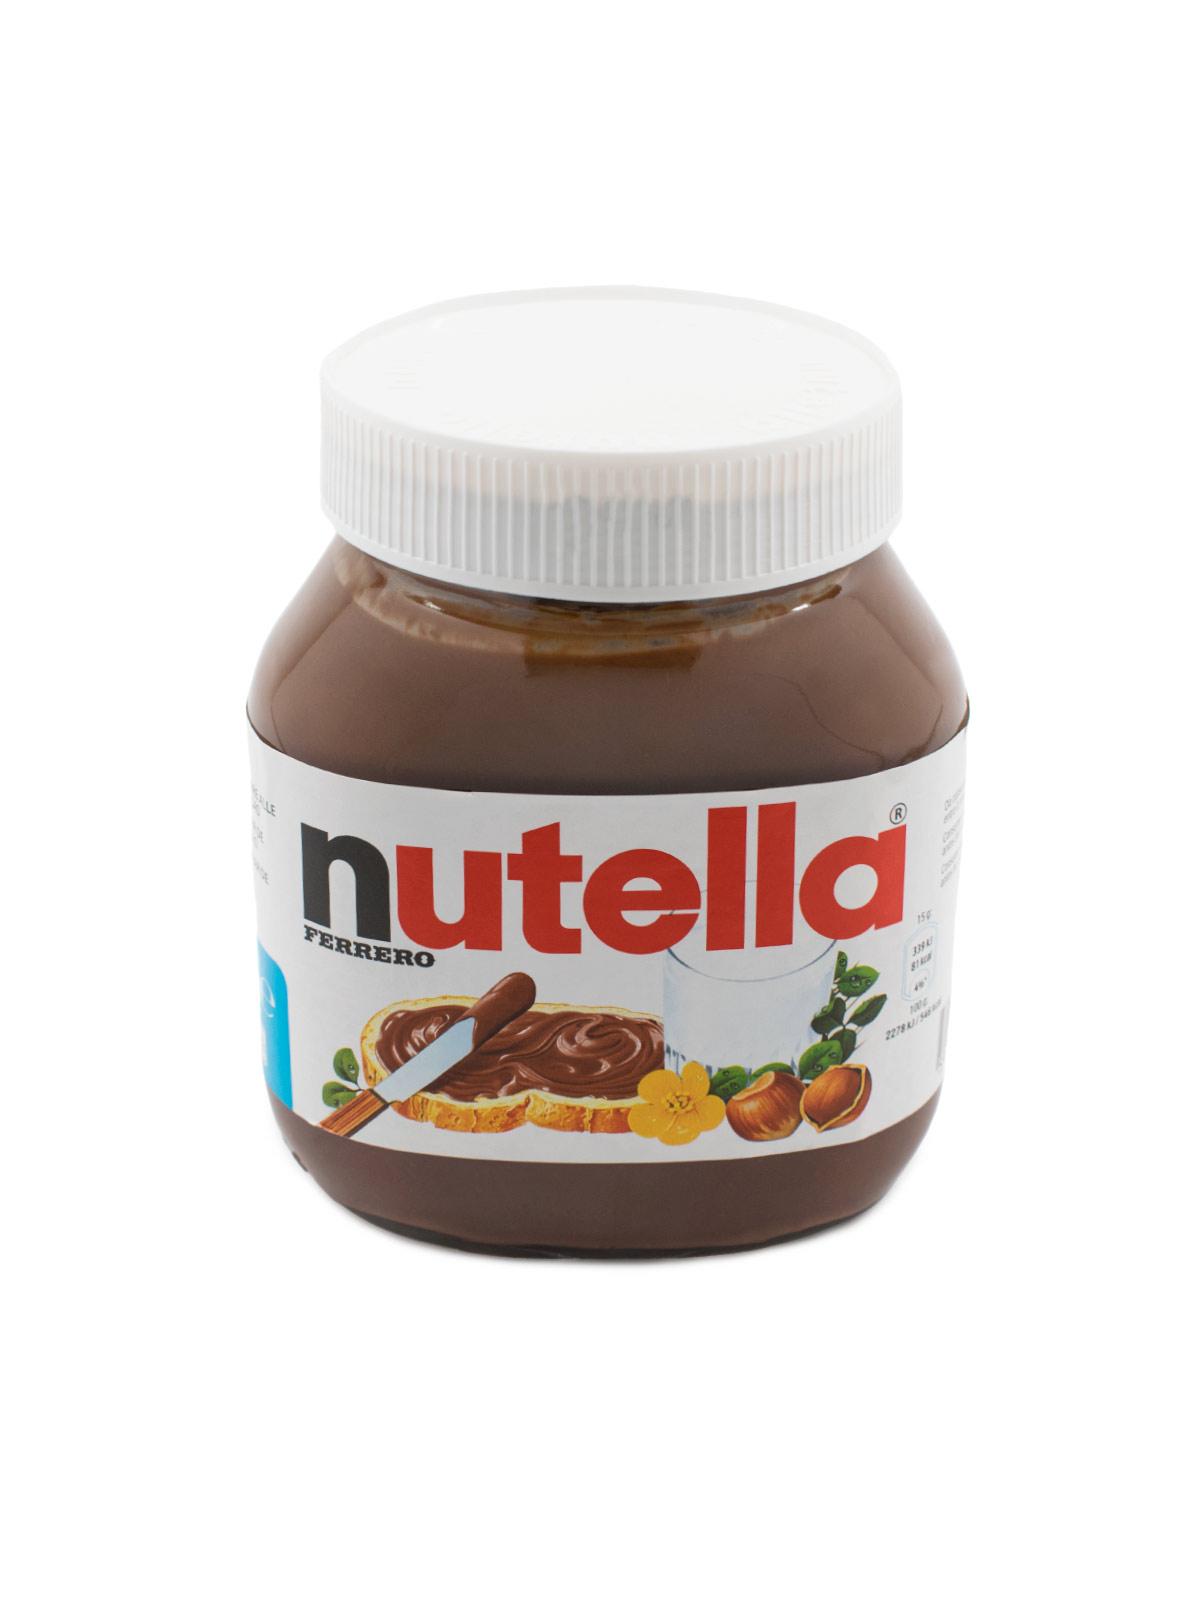 Nutella Italiana - Pantry - Buon'Italia